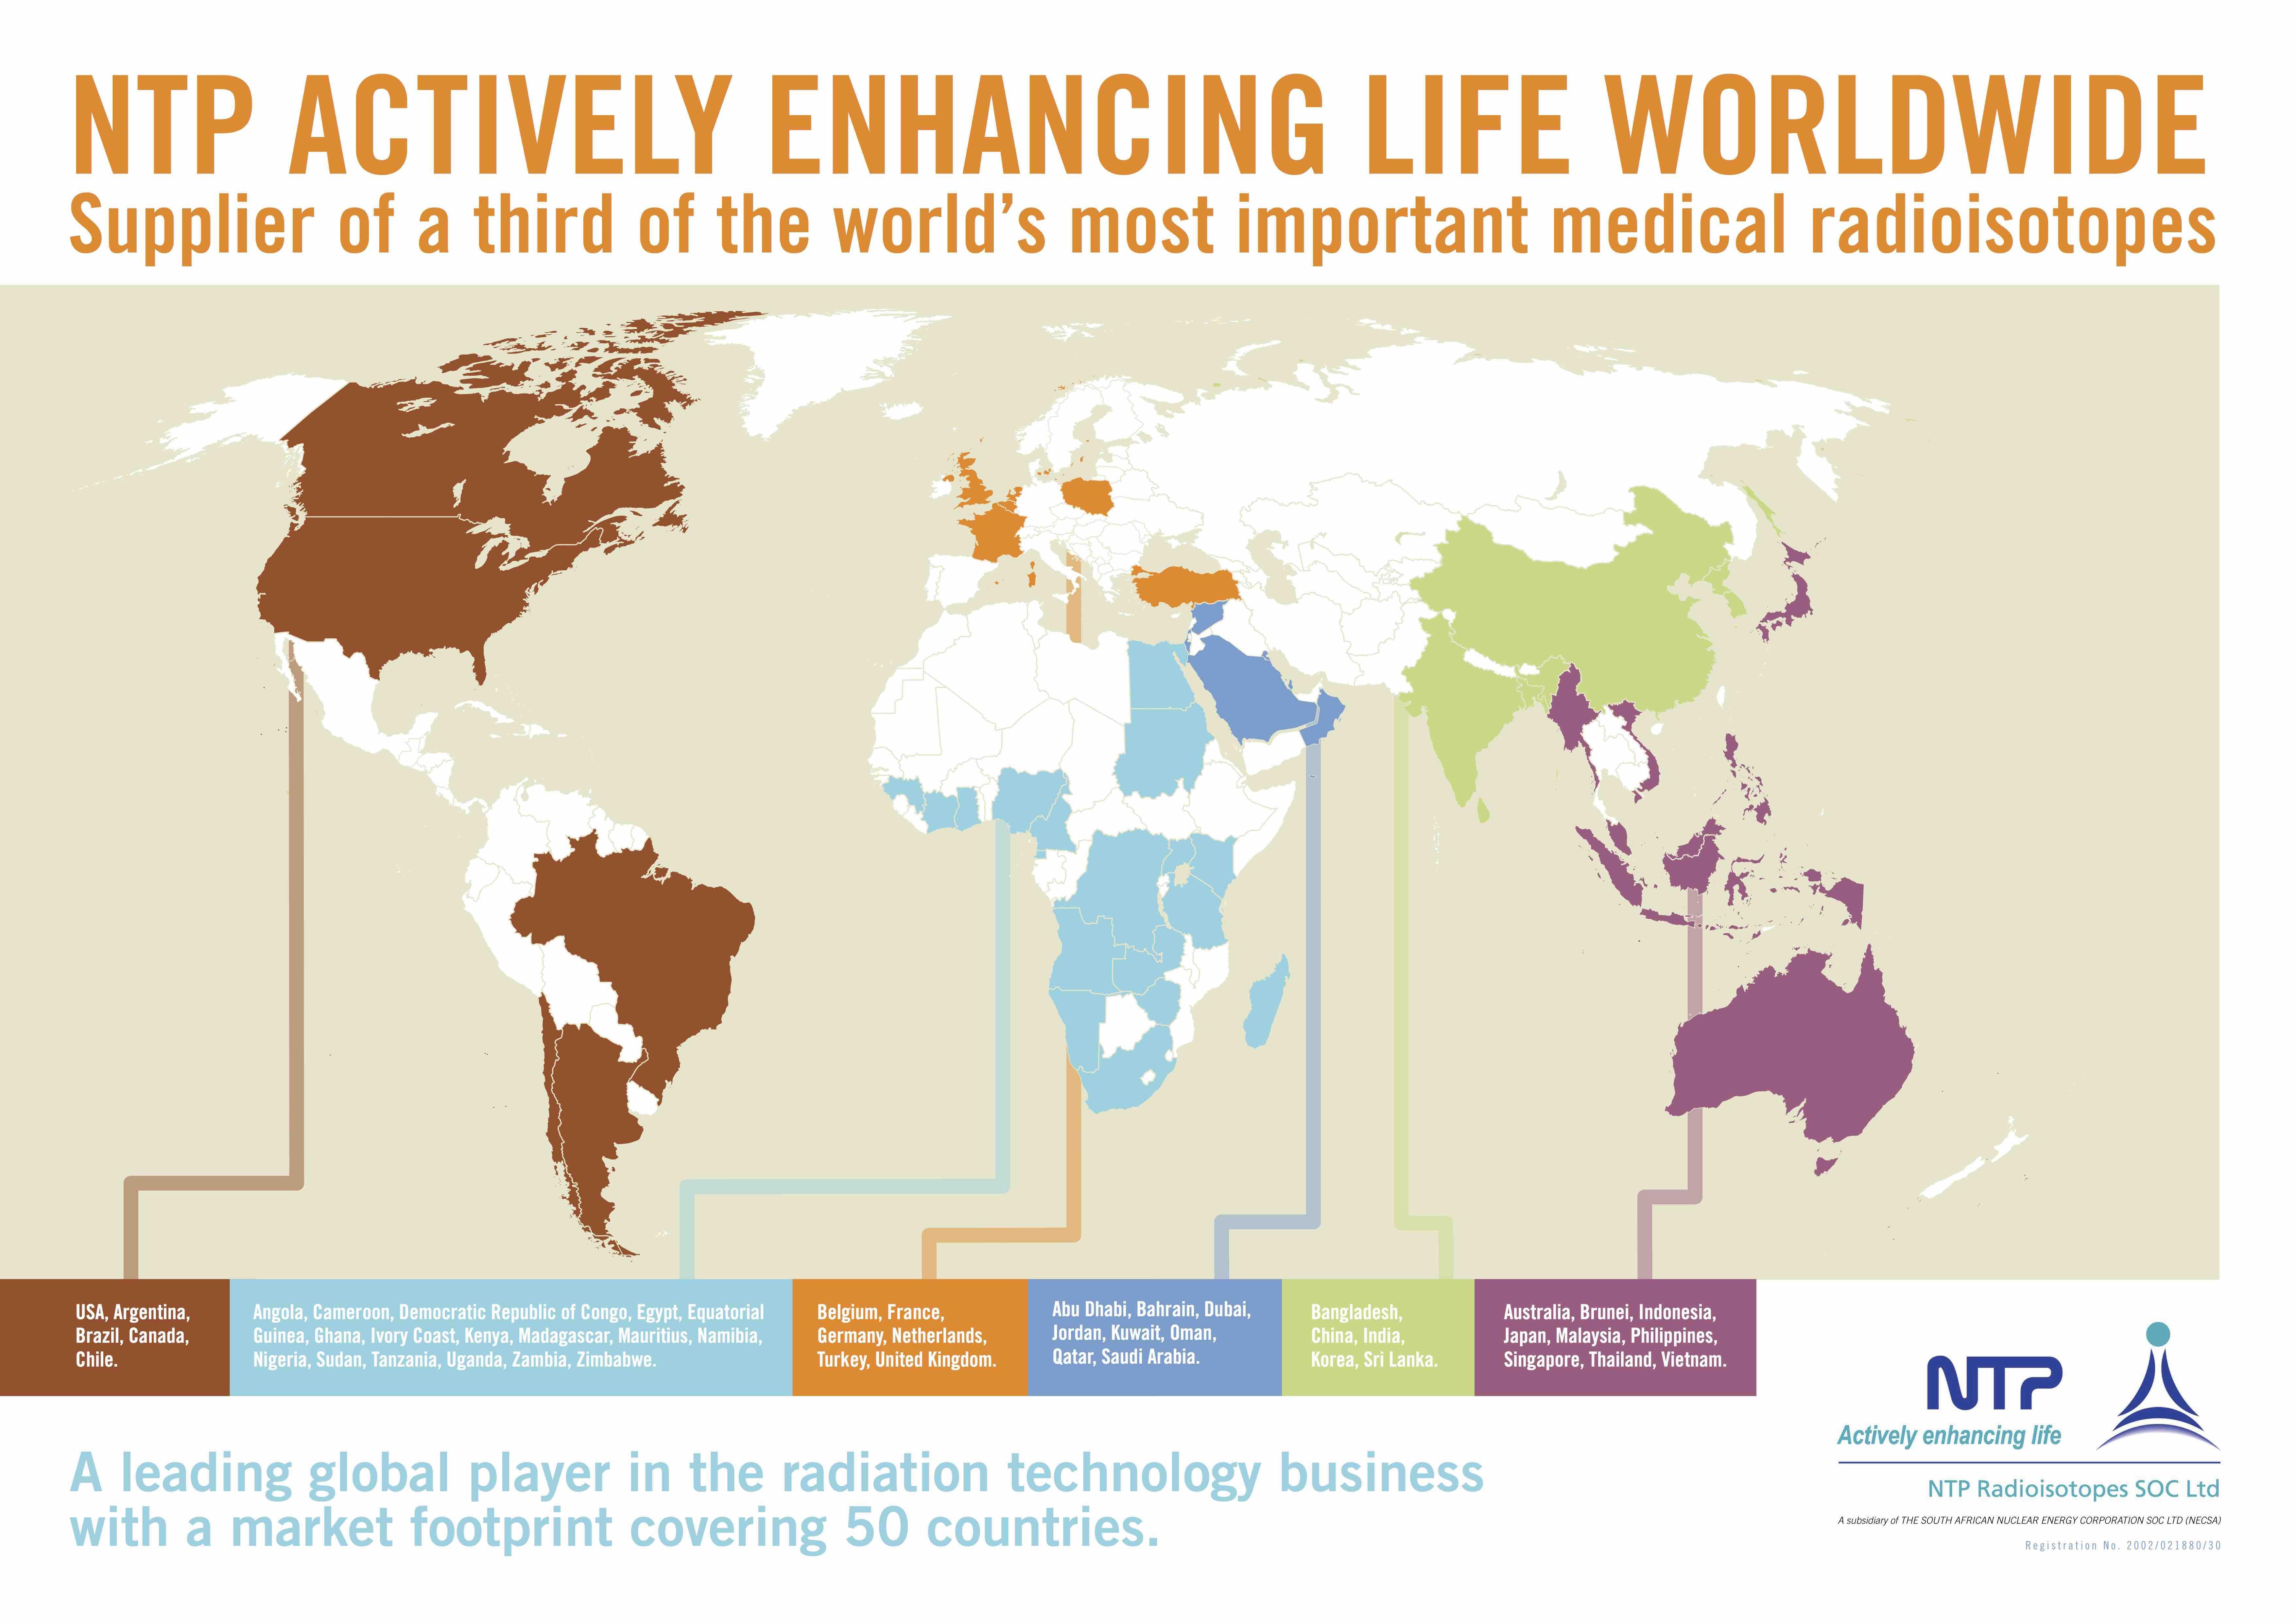 NTP GLOBAL FOOTPRINT 50 COUNTRIES